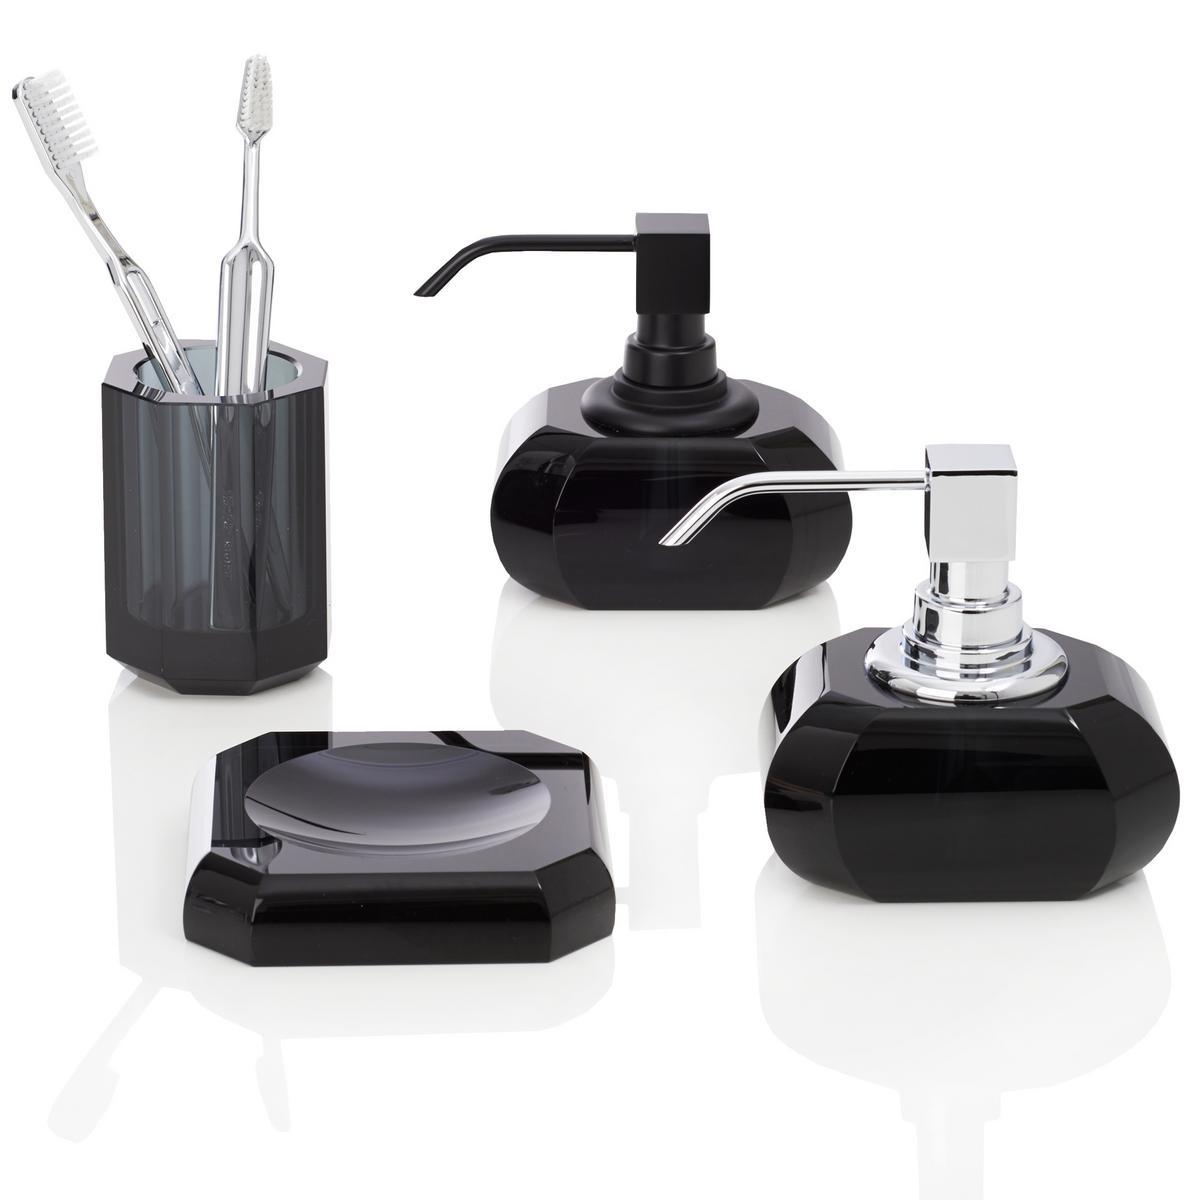 Decor Walther Bathroom Accessories.Decor Walther Crystal Bathroom Accessories Anthracite Artedona Com